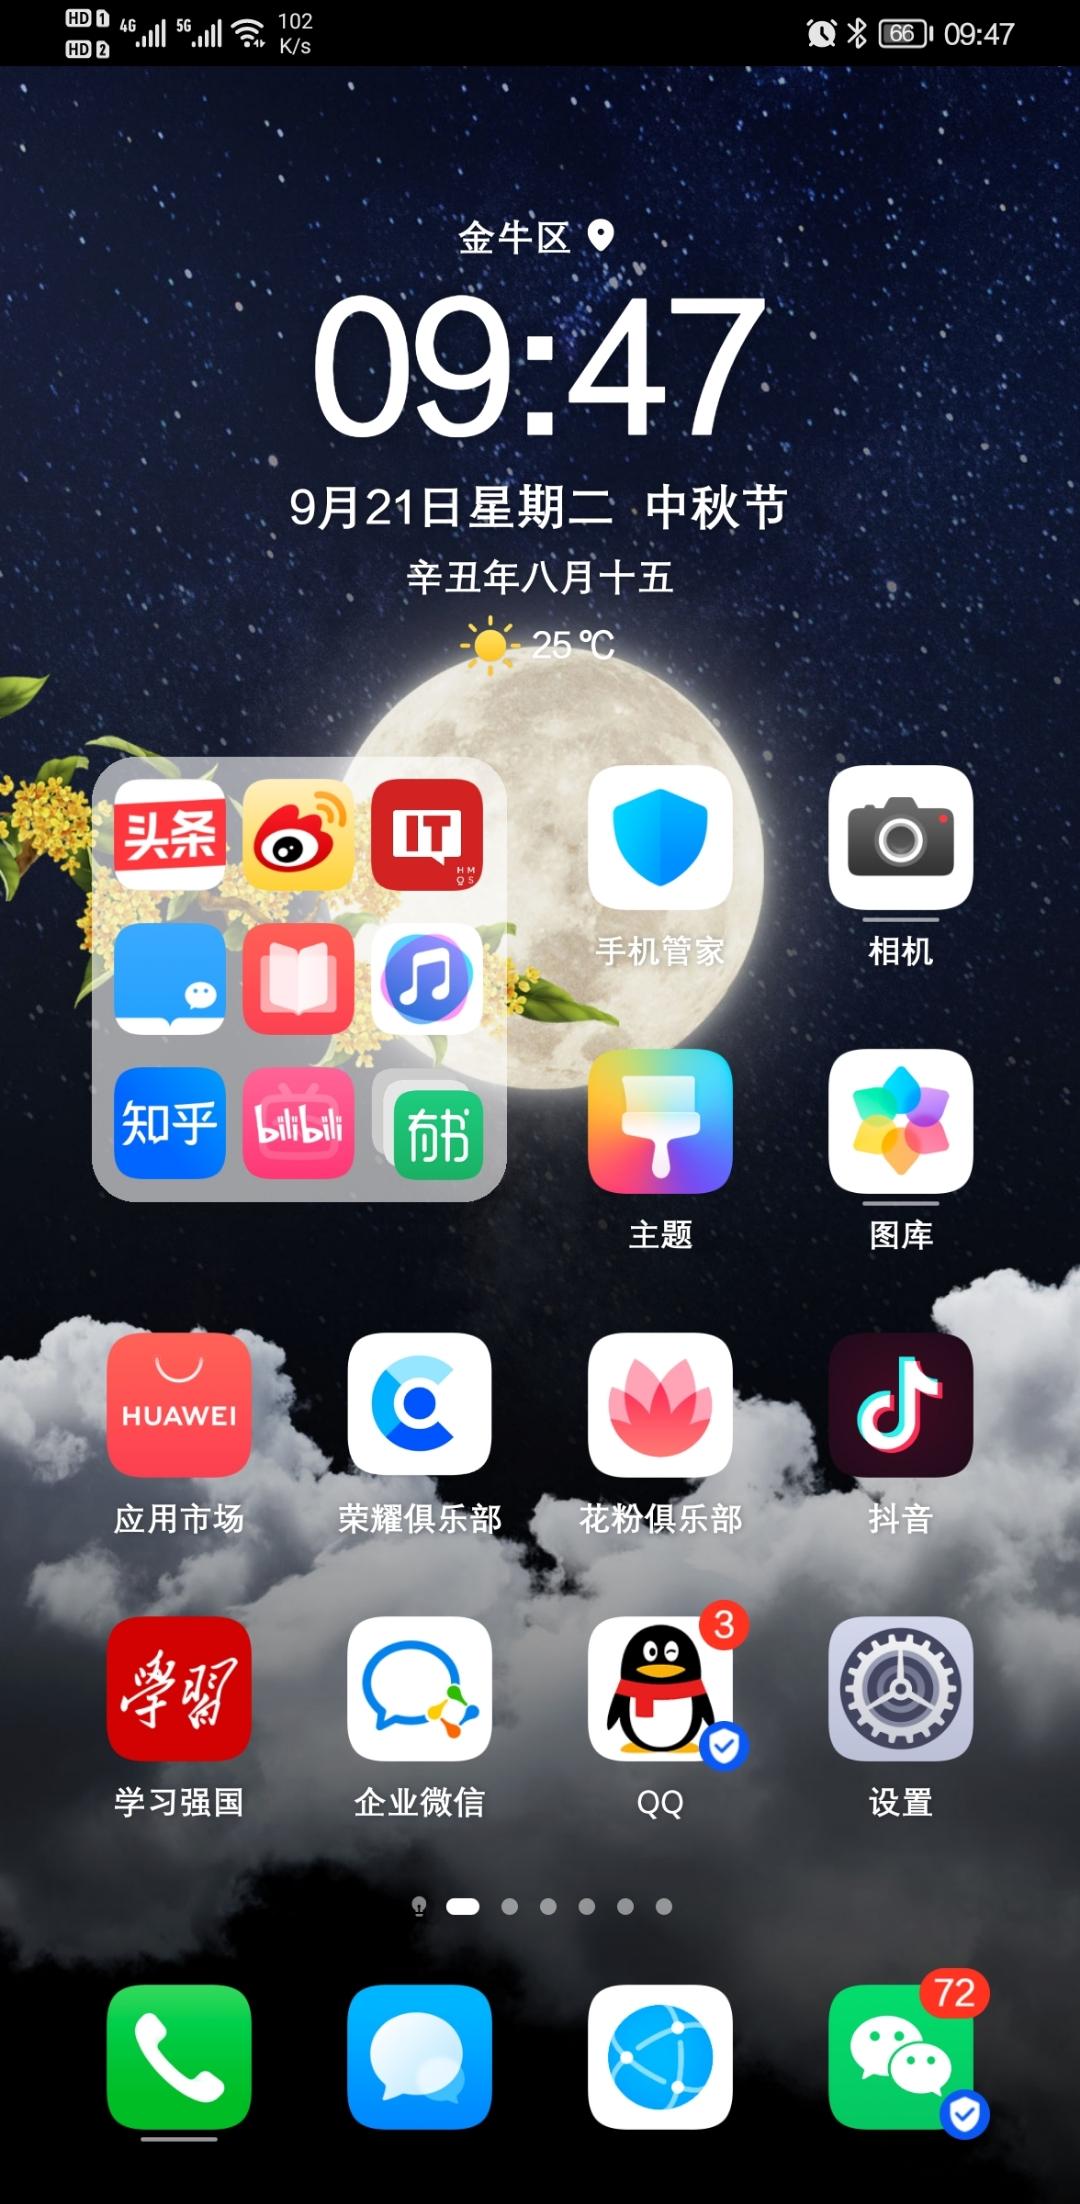 Screenshot_20210921_094711_com.huawei.android.launcher.jpg